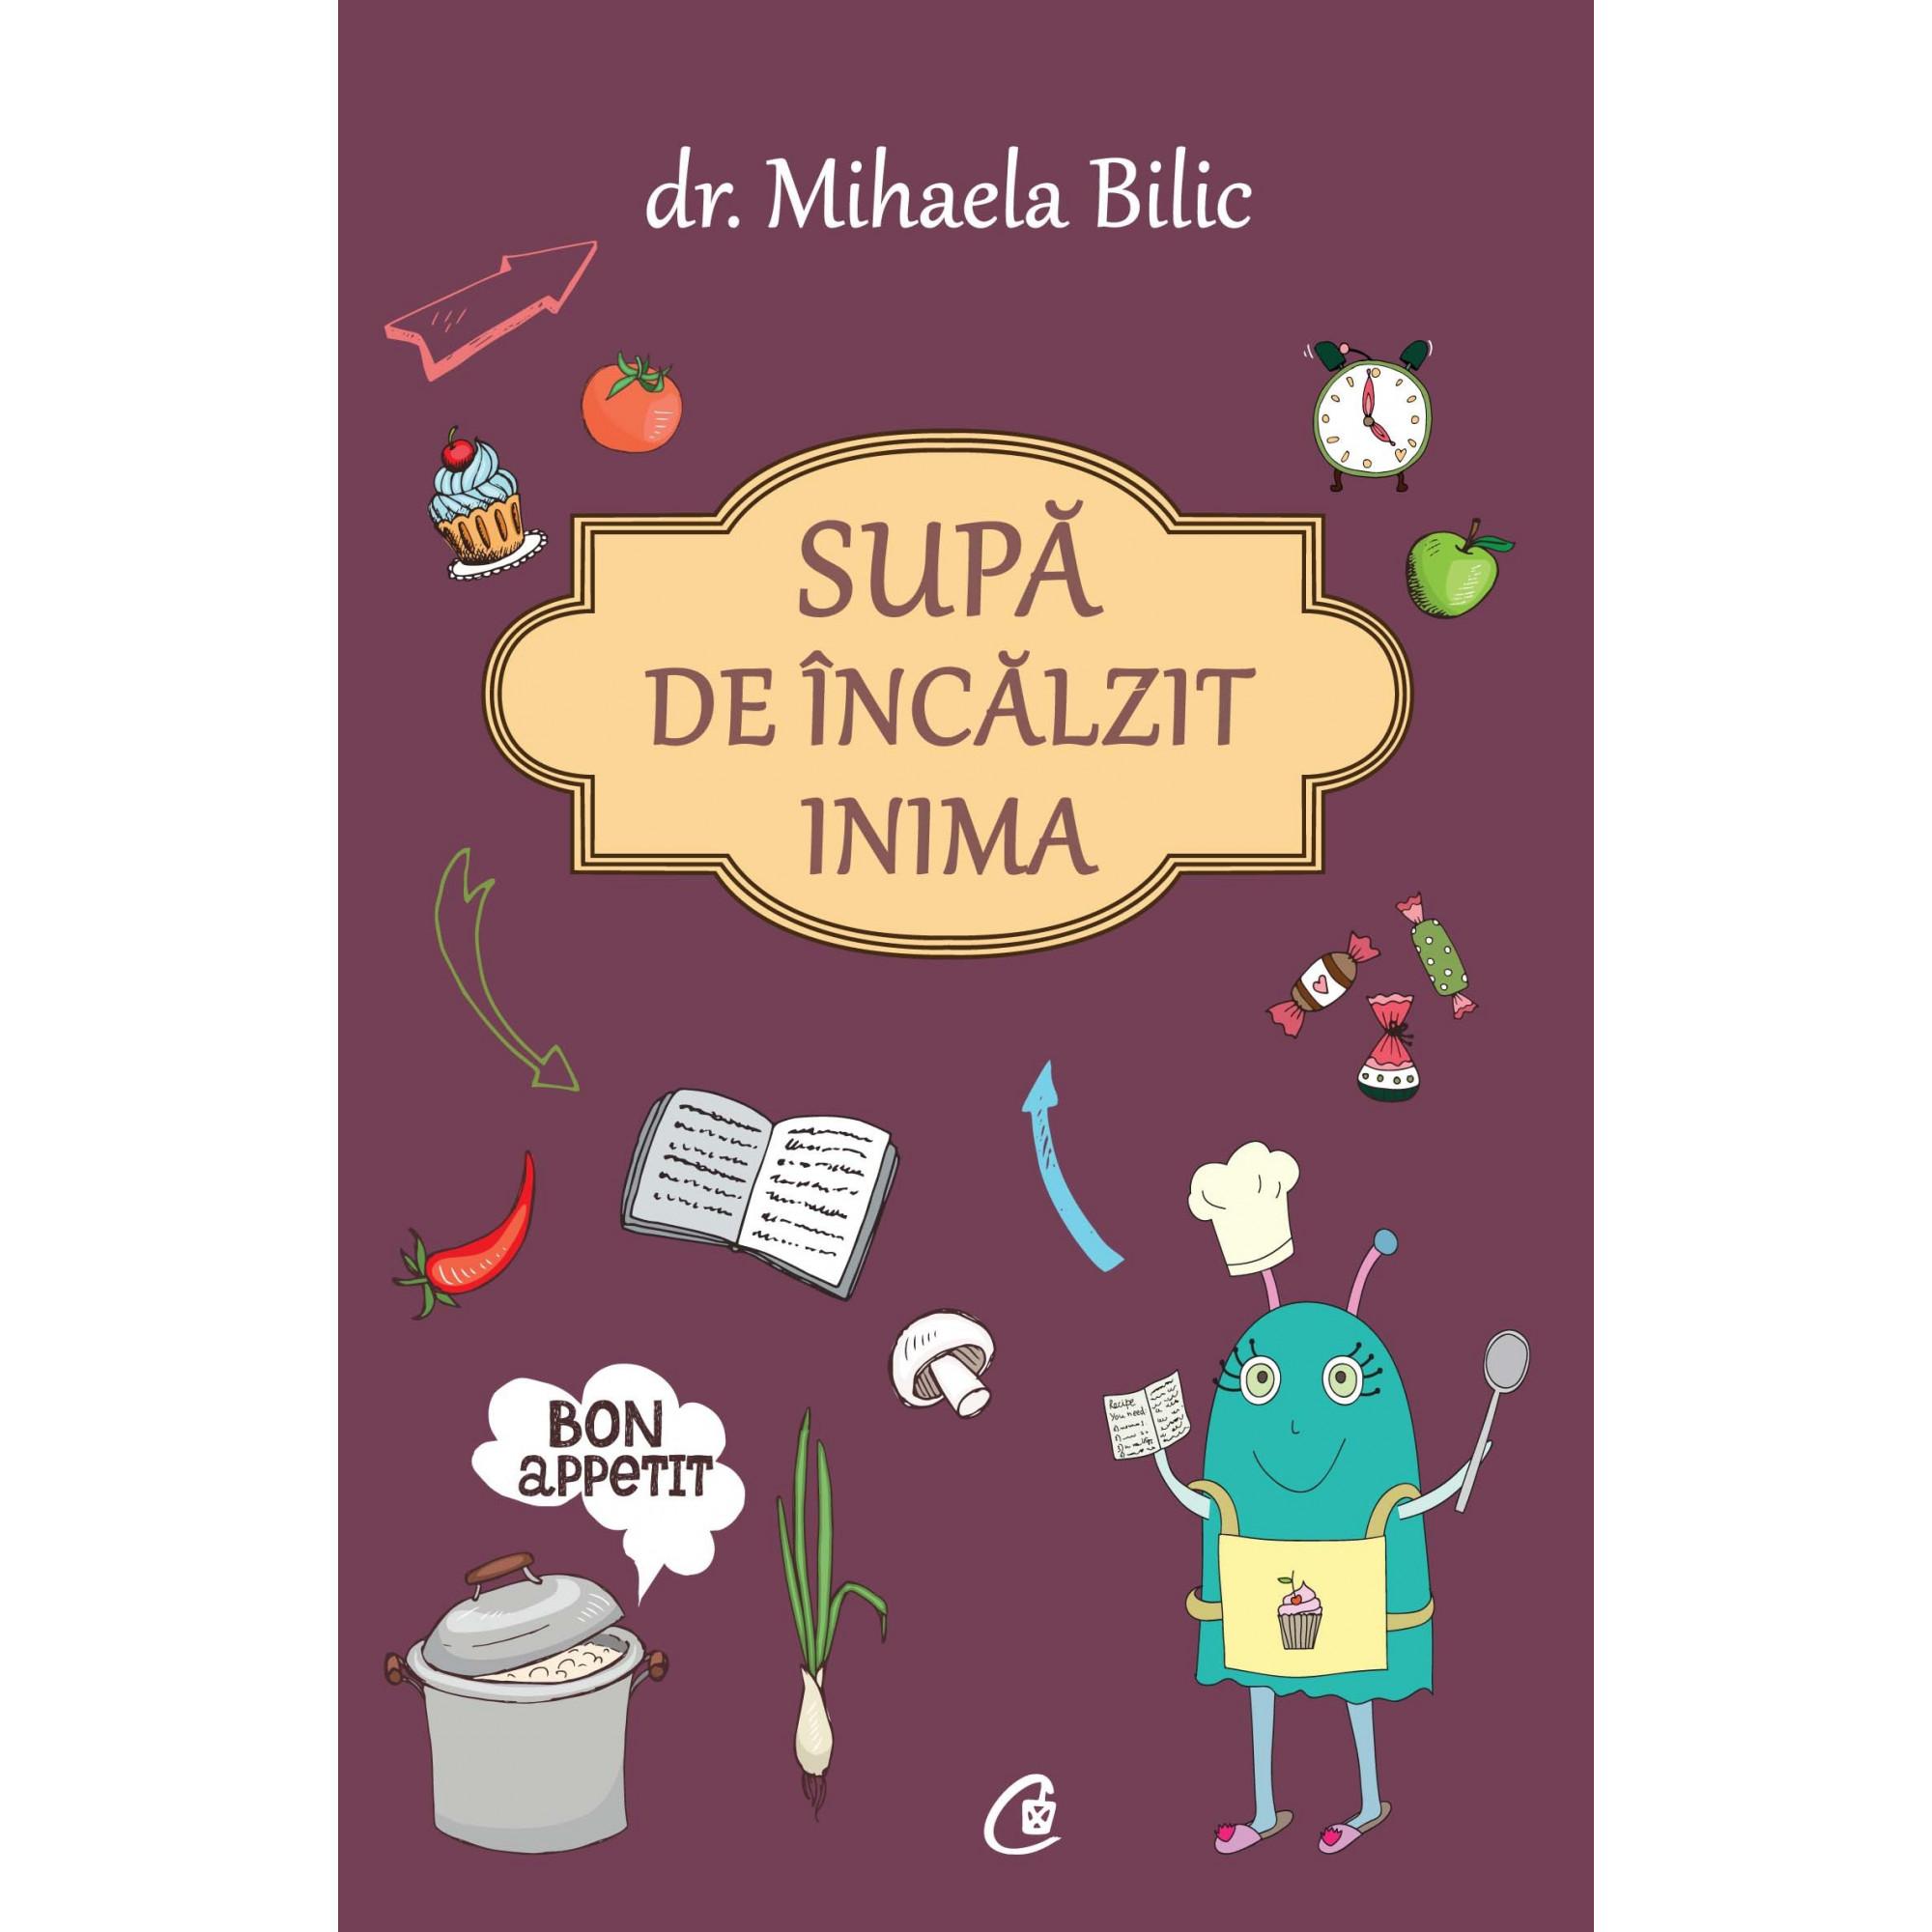 Supă de încălzit inima; Dr. Mihaela Bilic